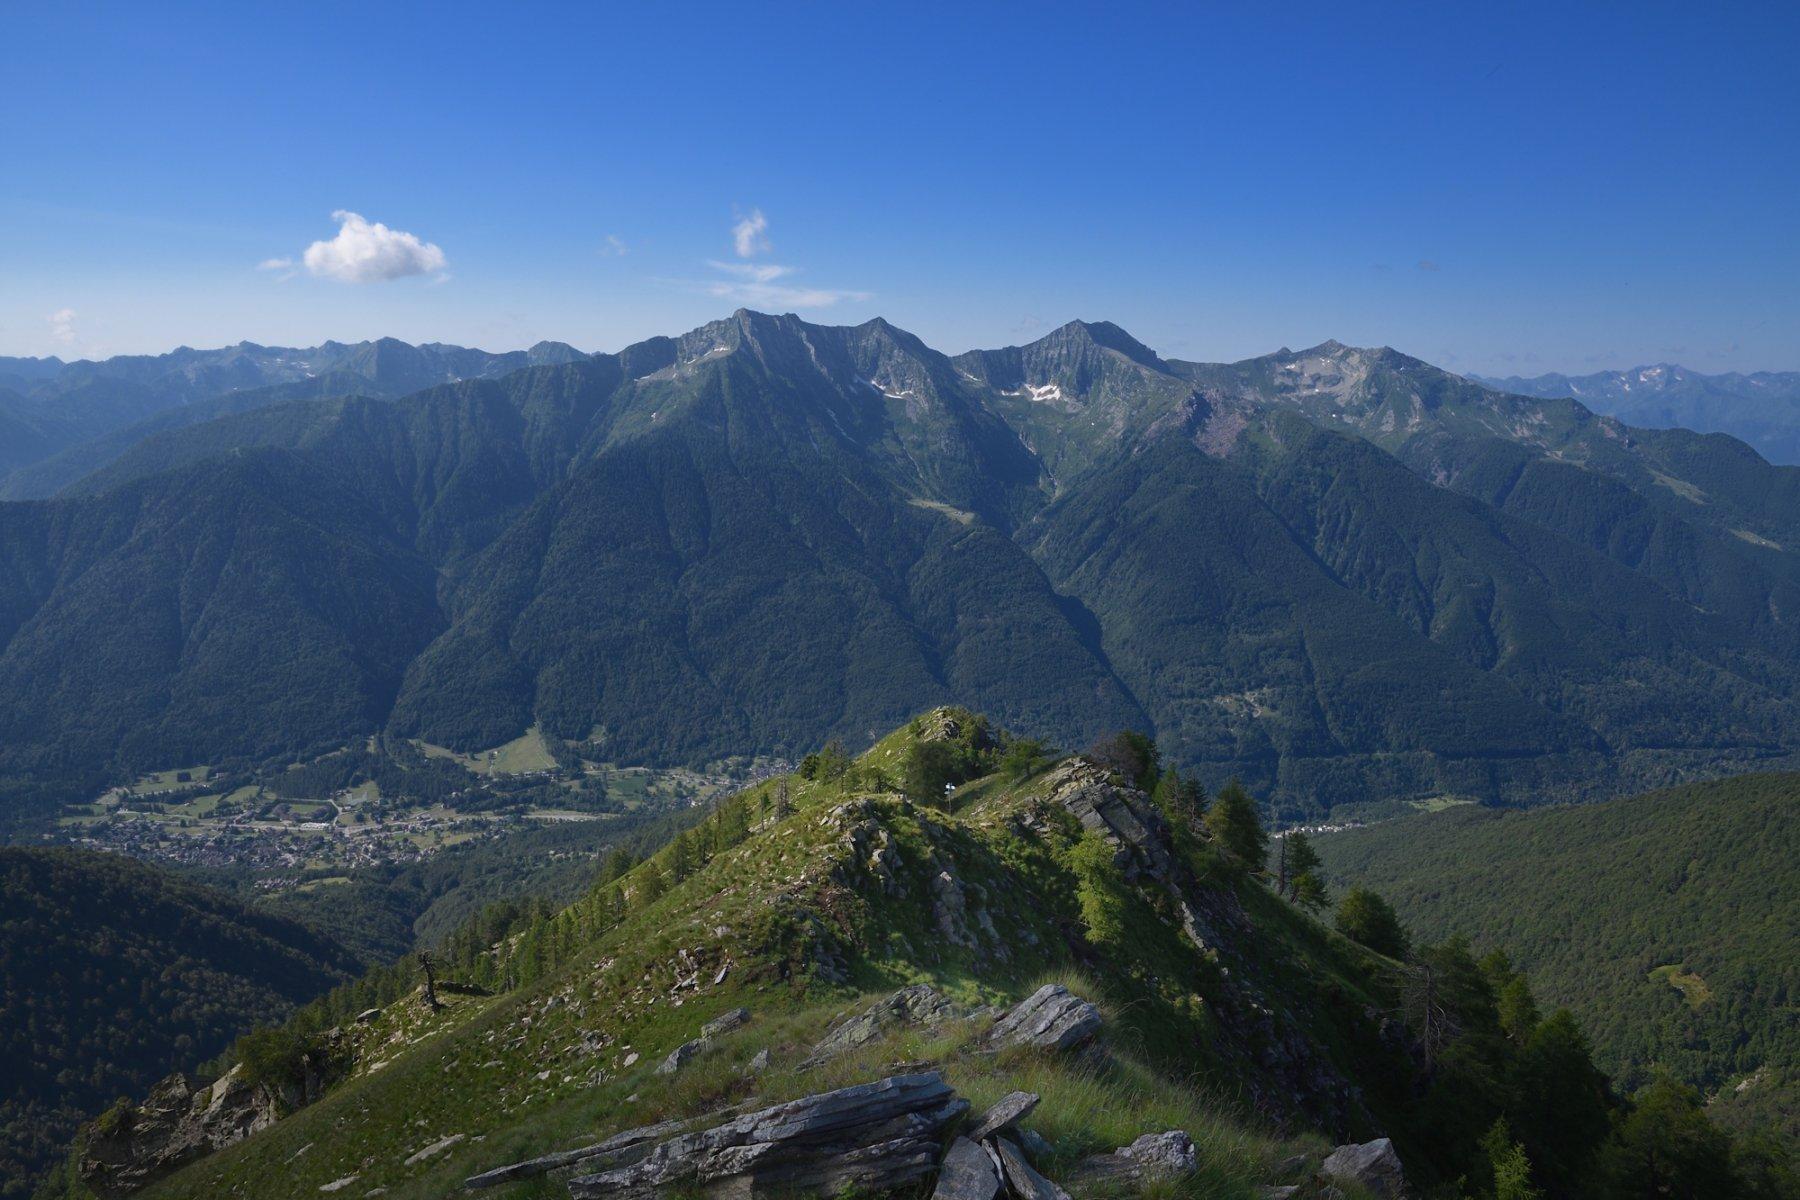 Dalla cima, vista sulla cresta percorsa in salita con il Gruppo del Togano sullo sfondo